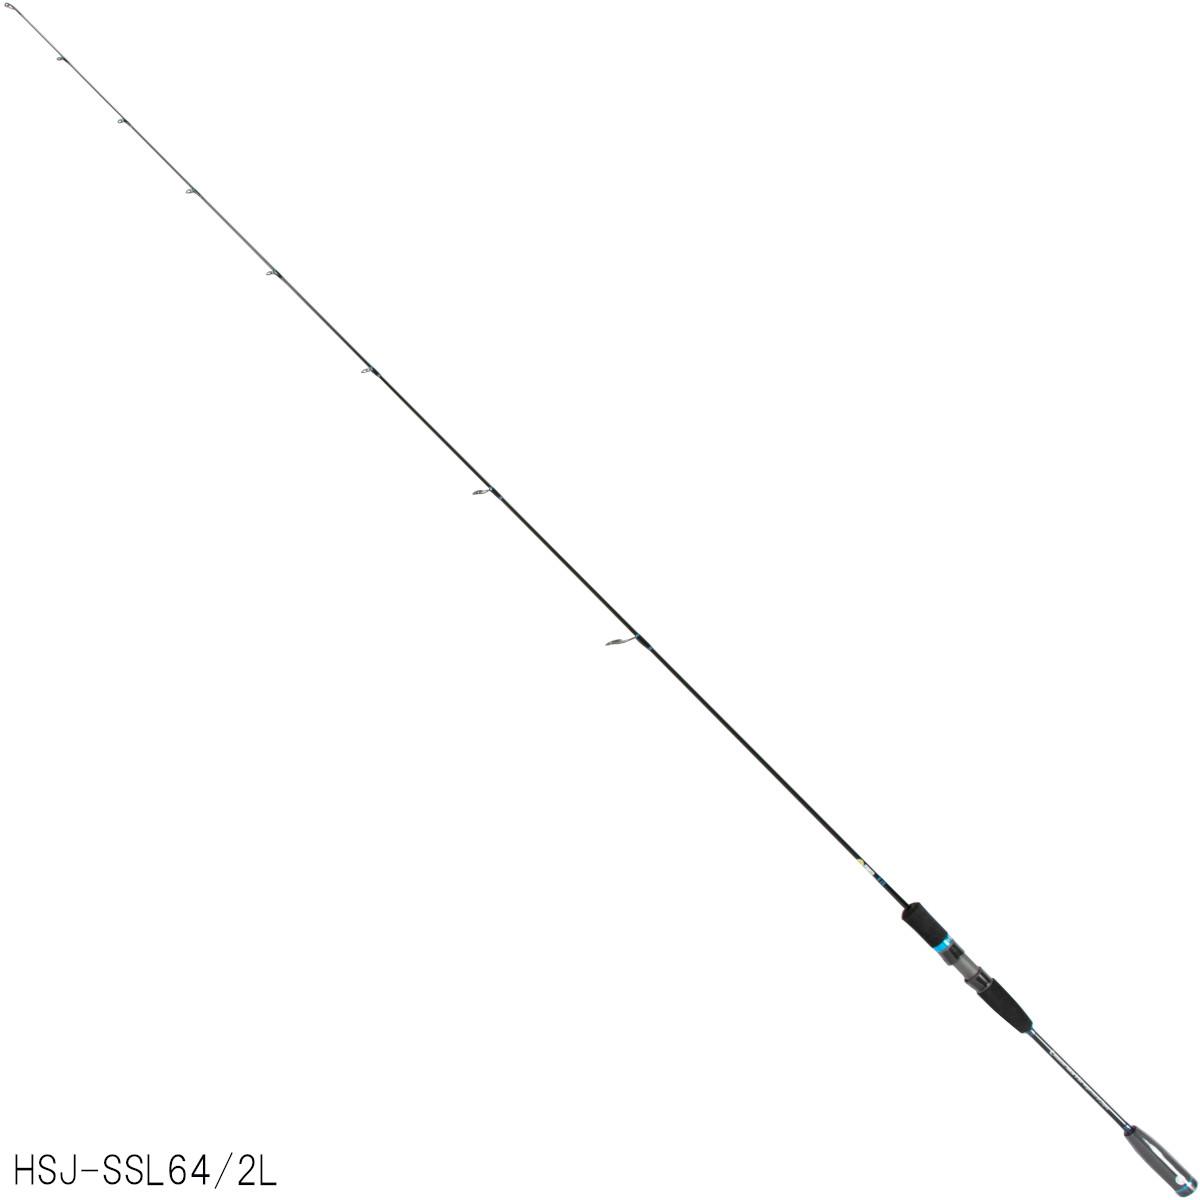 スミス オフショアスティック HSJ スーパーライトシリーズ HSJ-SSL64/2L【大型商品】